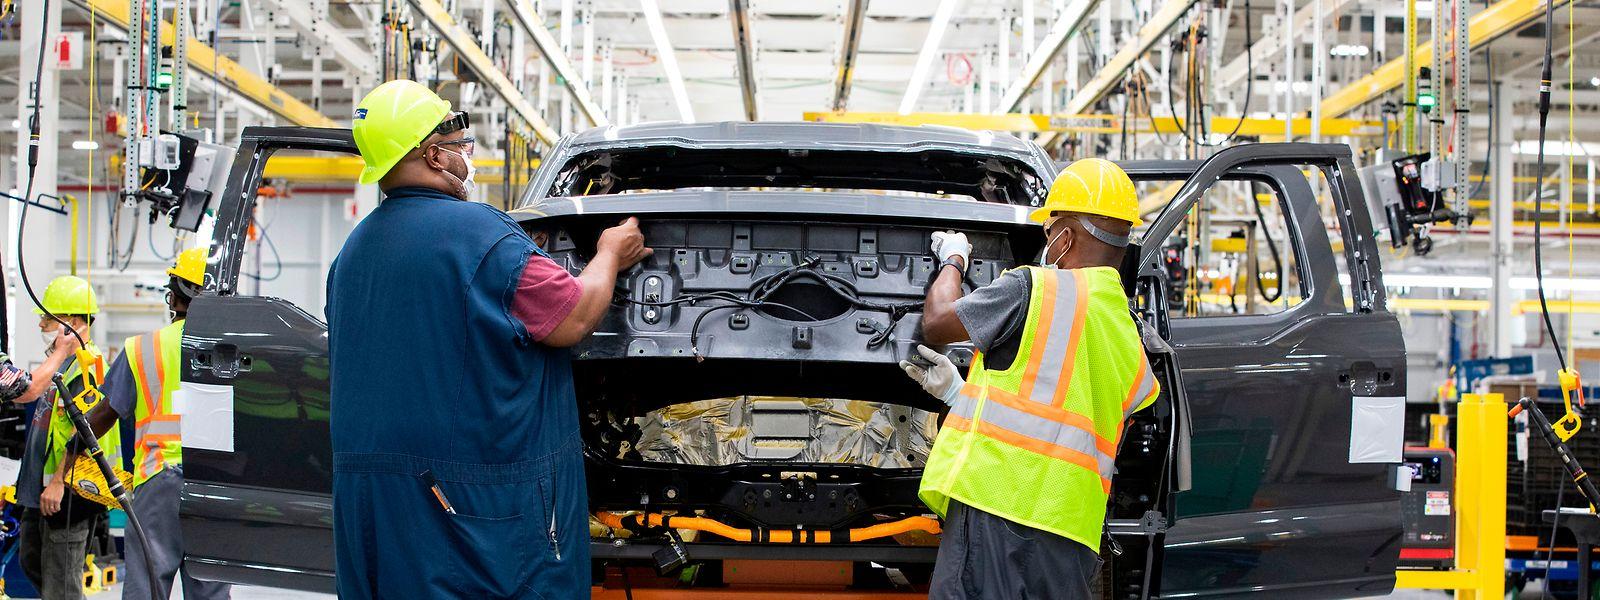 Im Rouge Electric Vehicle Center in Dearborn ist die Vorproduktion des Ford F-150 Lightning im Gange, der 2022 auf den Markt kommt.